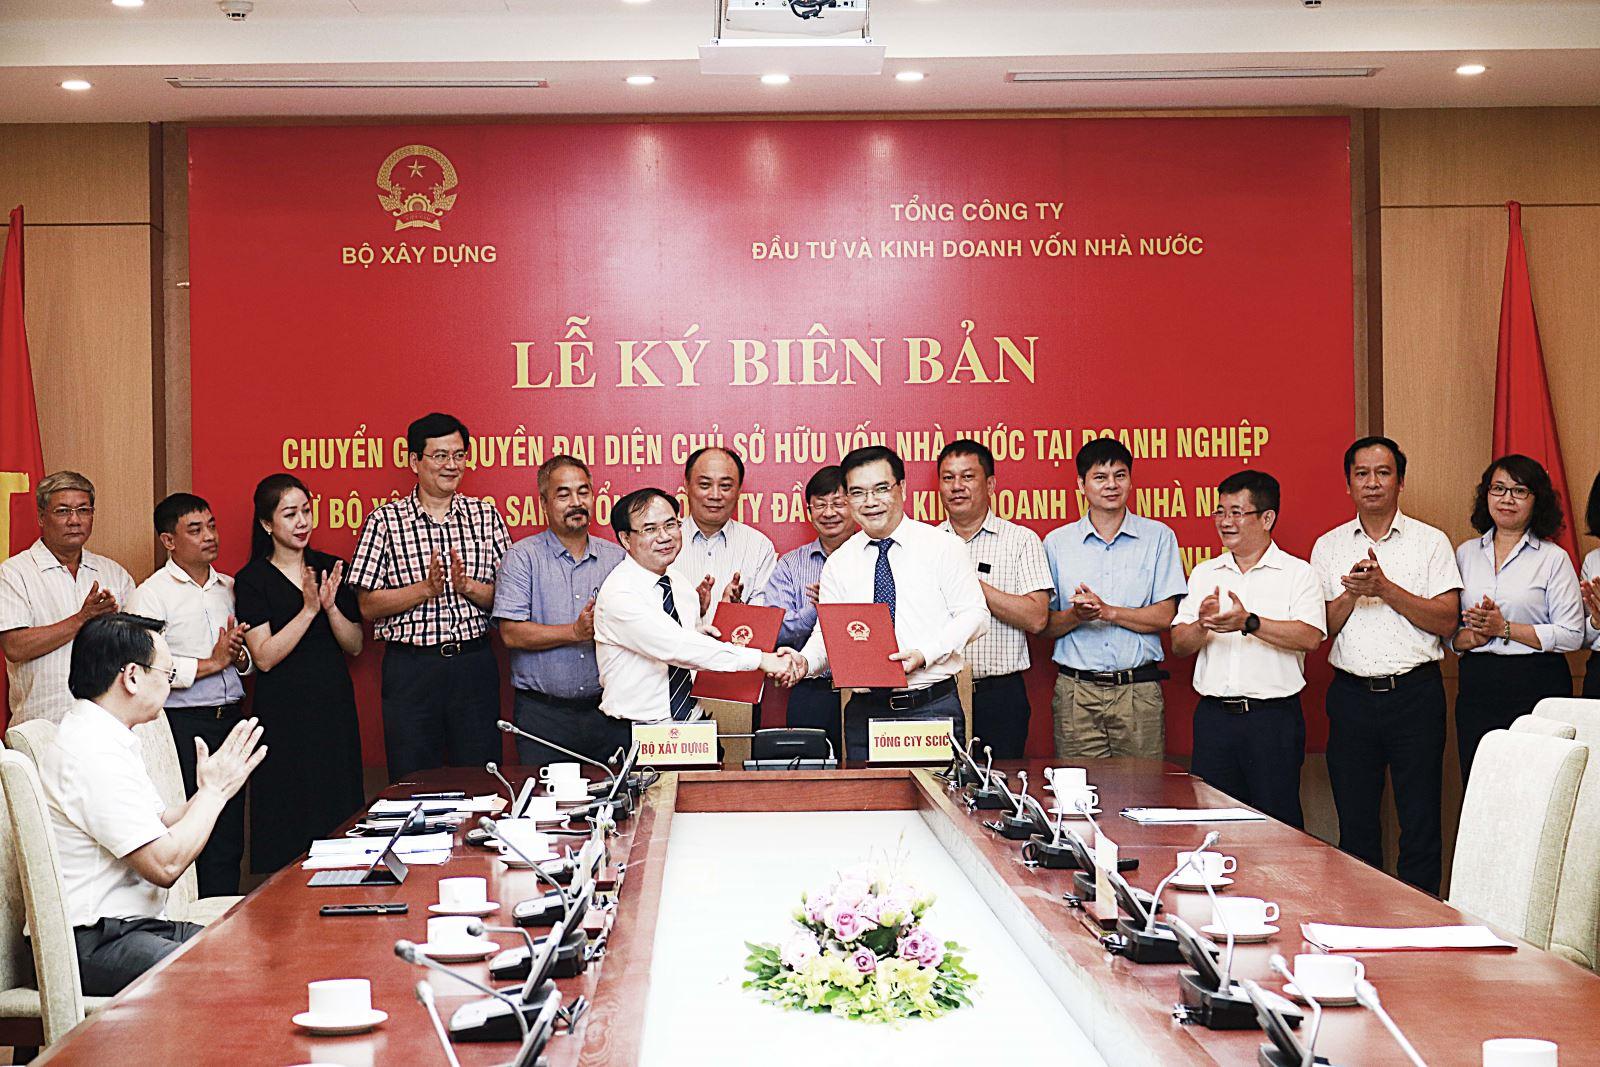 Lễ ký biên bản chuyển giao quyền đại diện sở hữu vốn Nhà nước tại Doanh nghiệp từ Bộ Xây dựng sang Tổng Công Ty Đầu tư và kinh doanh vốn nhà nước